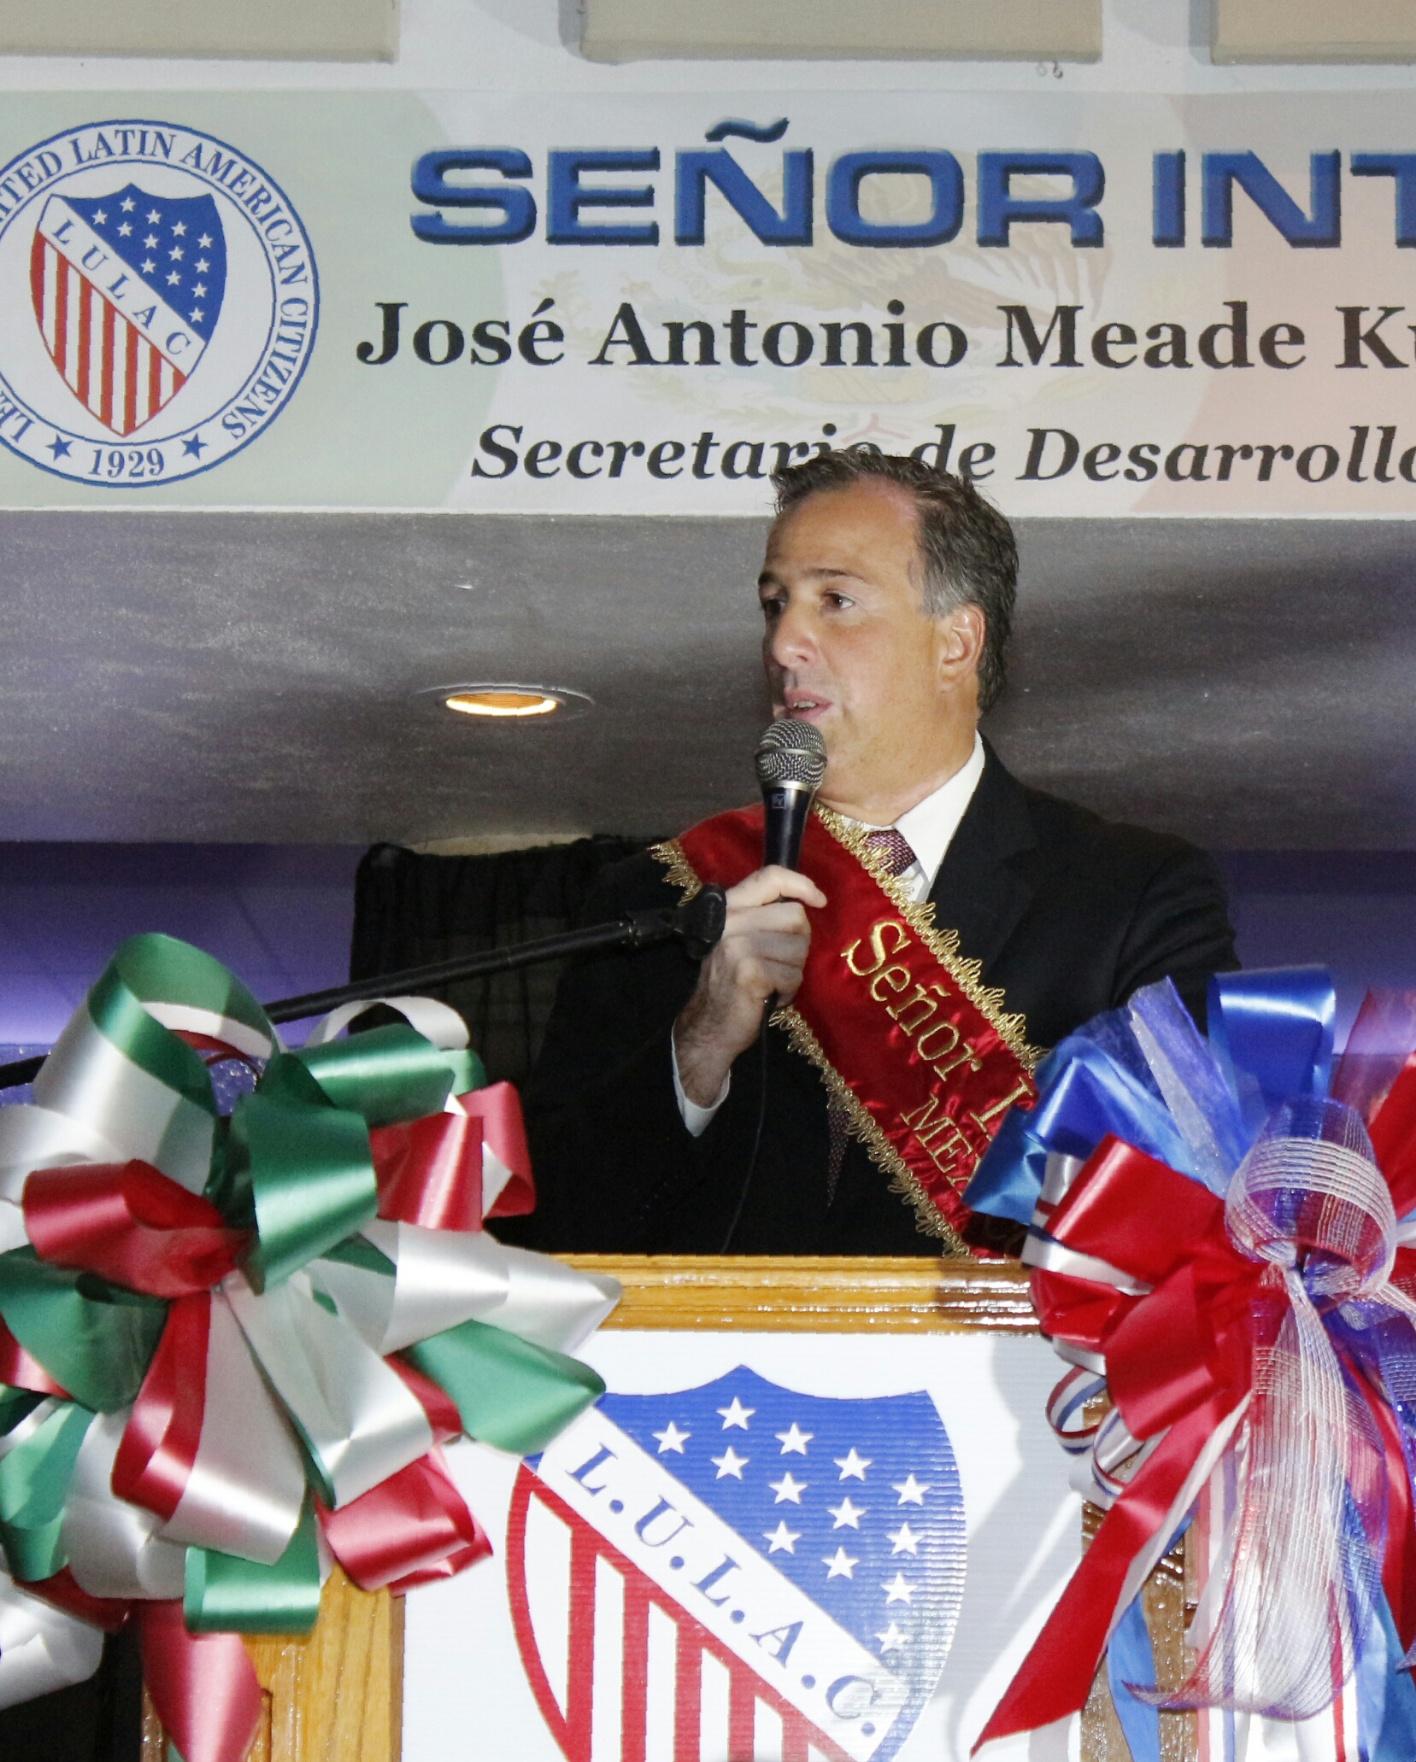 FOTO 2 Recibe el secretario Meade en Laredo  Texas  reconocimiento Se or Internacional 2016.jpg